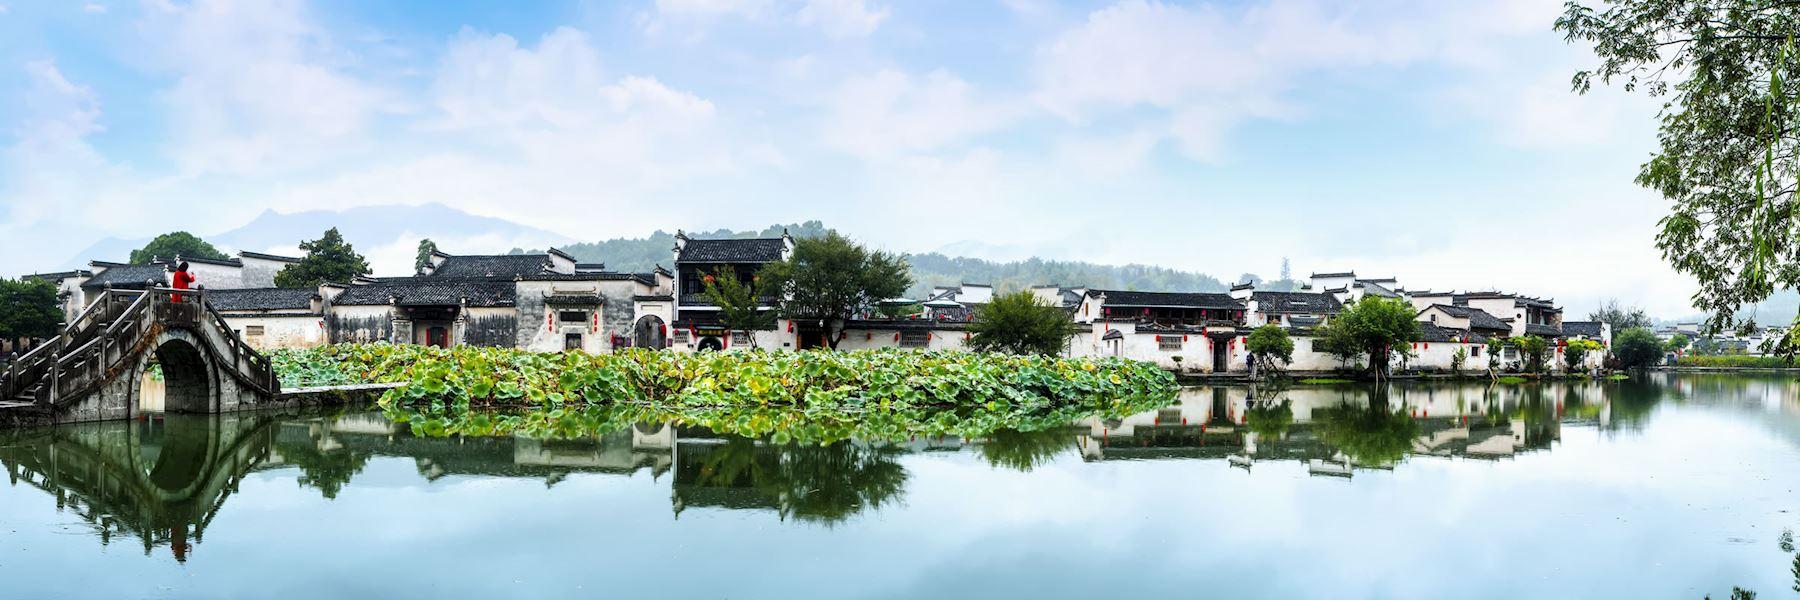 Visit Huang Shan, China